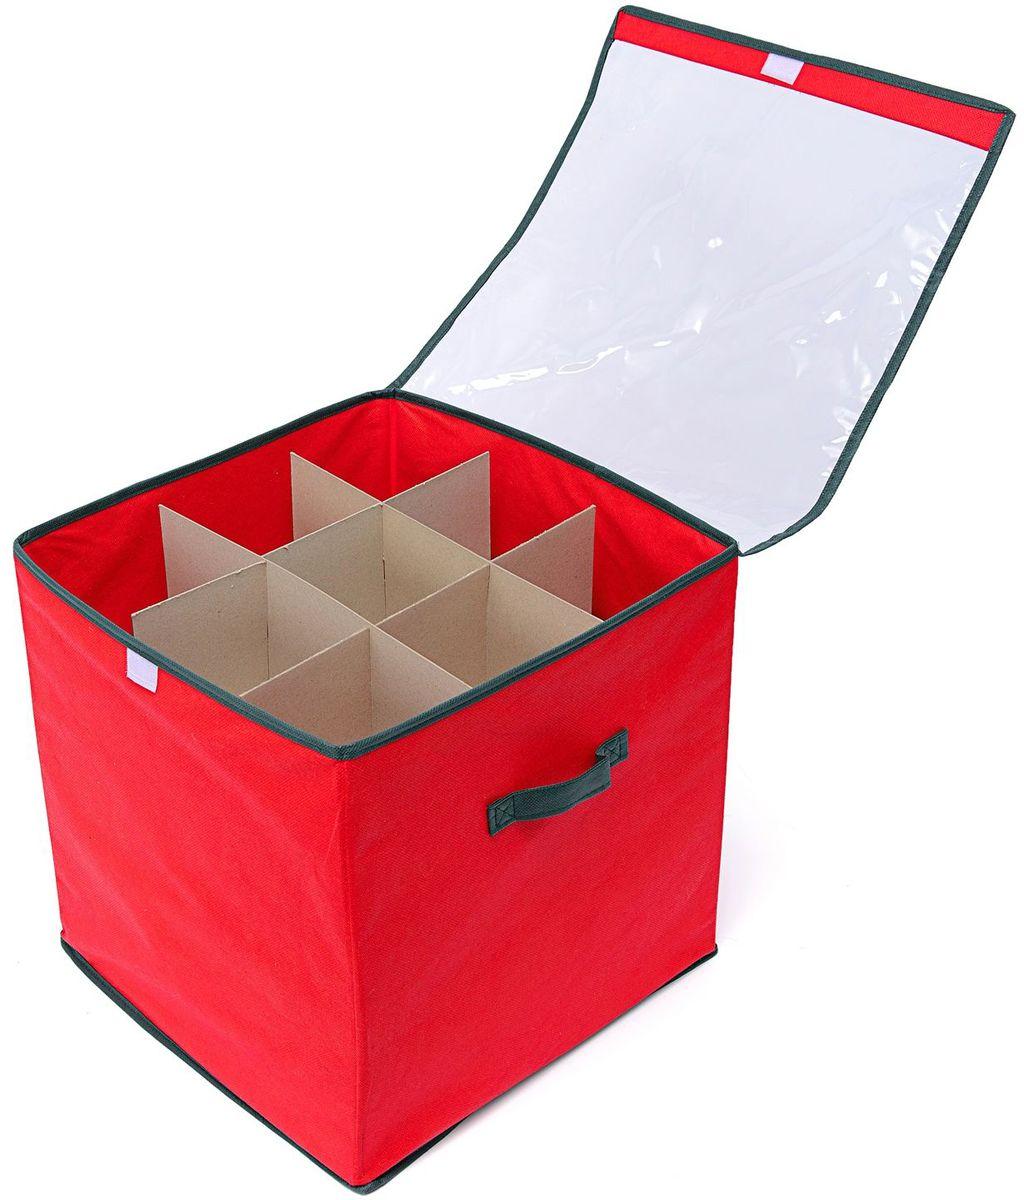 Коробка с делениями Homsu New Year, 30х40х25 см, цвет: красныйES-412Коробка с крышкой оптимального размера 30х40х25 см, оснащена делениями из картона, прекрасно подходит для хранения ёлочных шаров и других украшений. Выполнена в традиционной новогодней расцветке. Размер изделия: 30х40х25см.